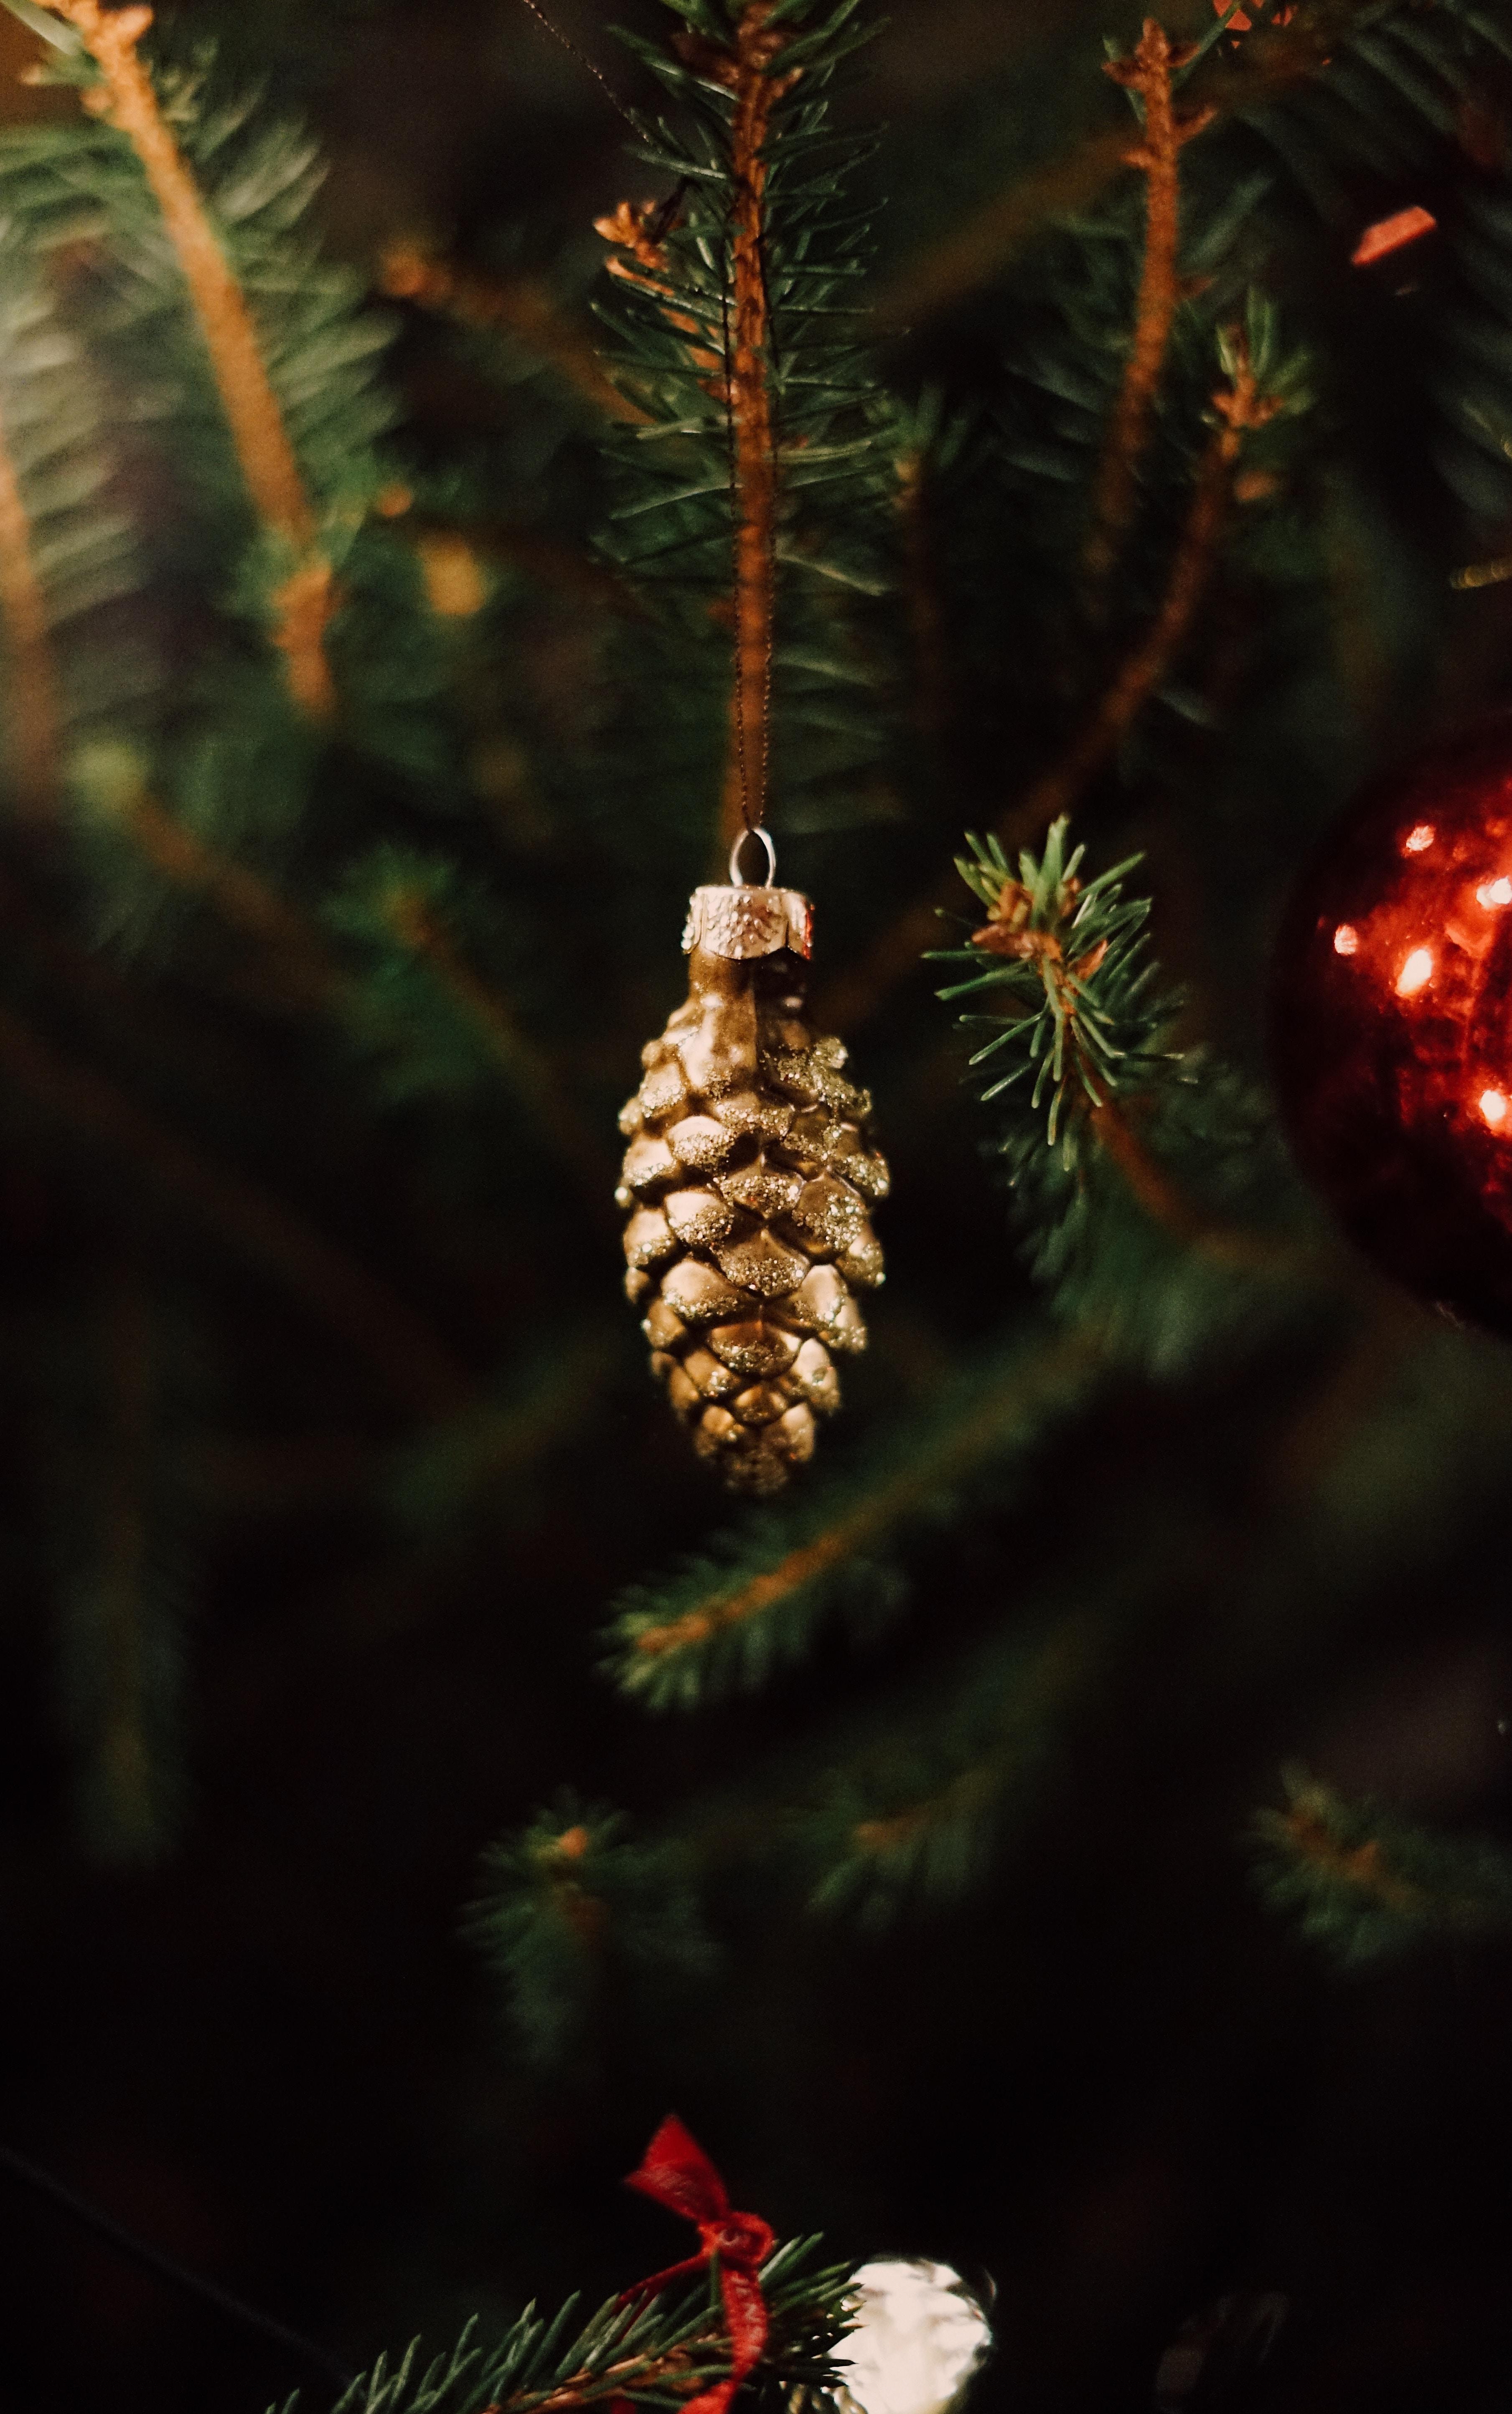 59078 Hintergrundbild herunterladen Feiertage, Neujahr, Dekoration, Weihnachten, Neues Jahr, Kegel, Weihnachtsbaum, Beule - Bildschirmschoner und Bilder kostenlos